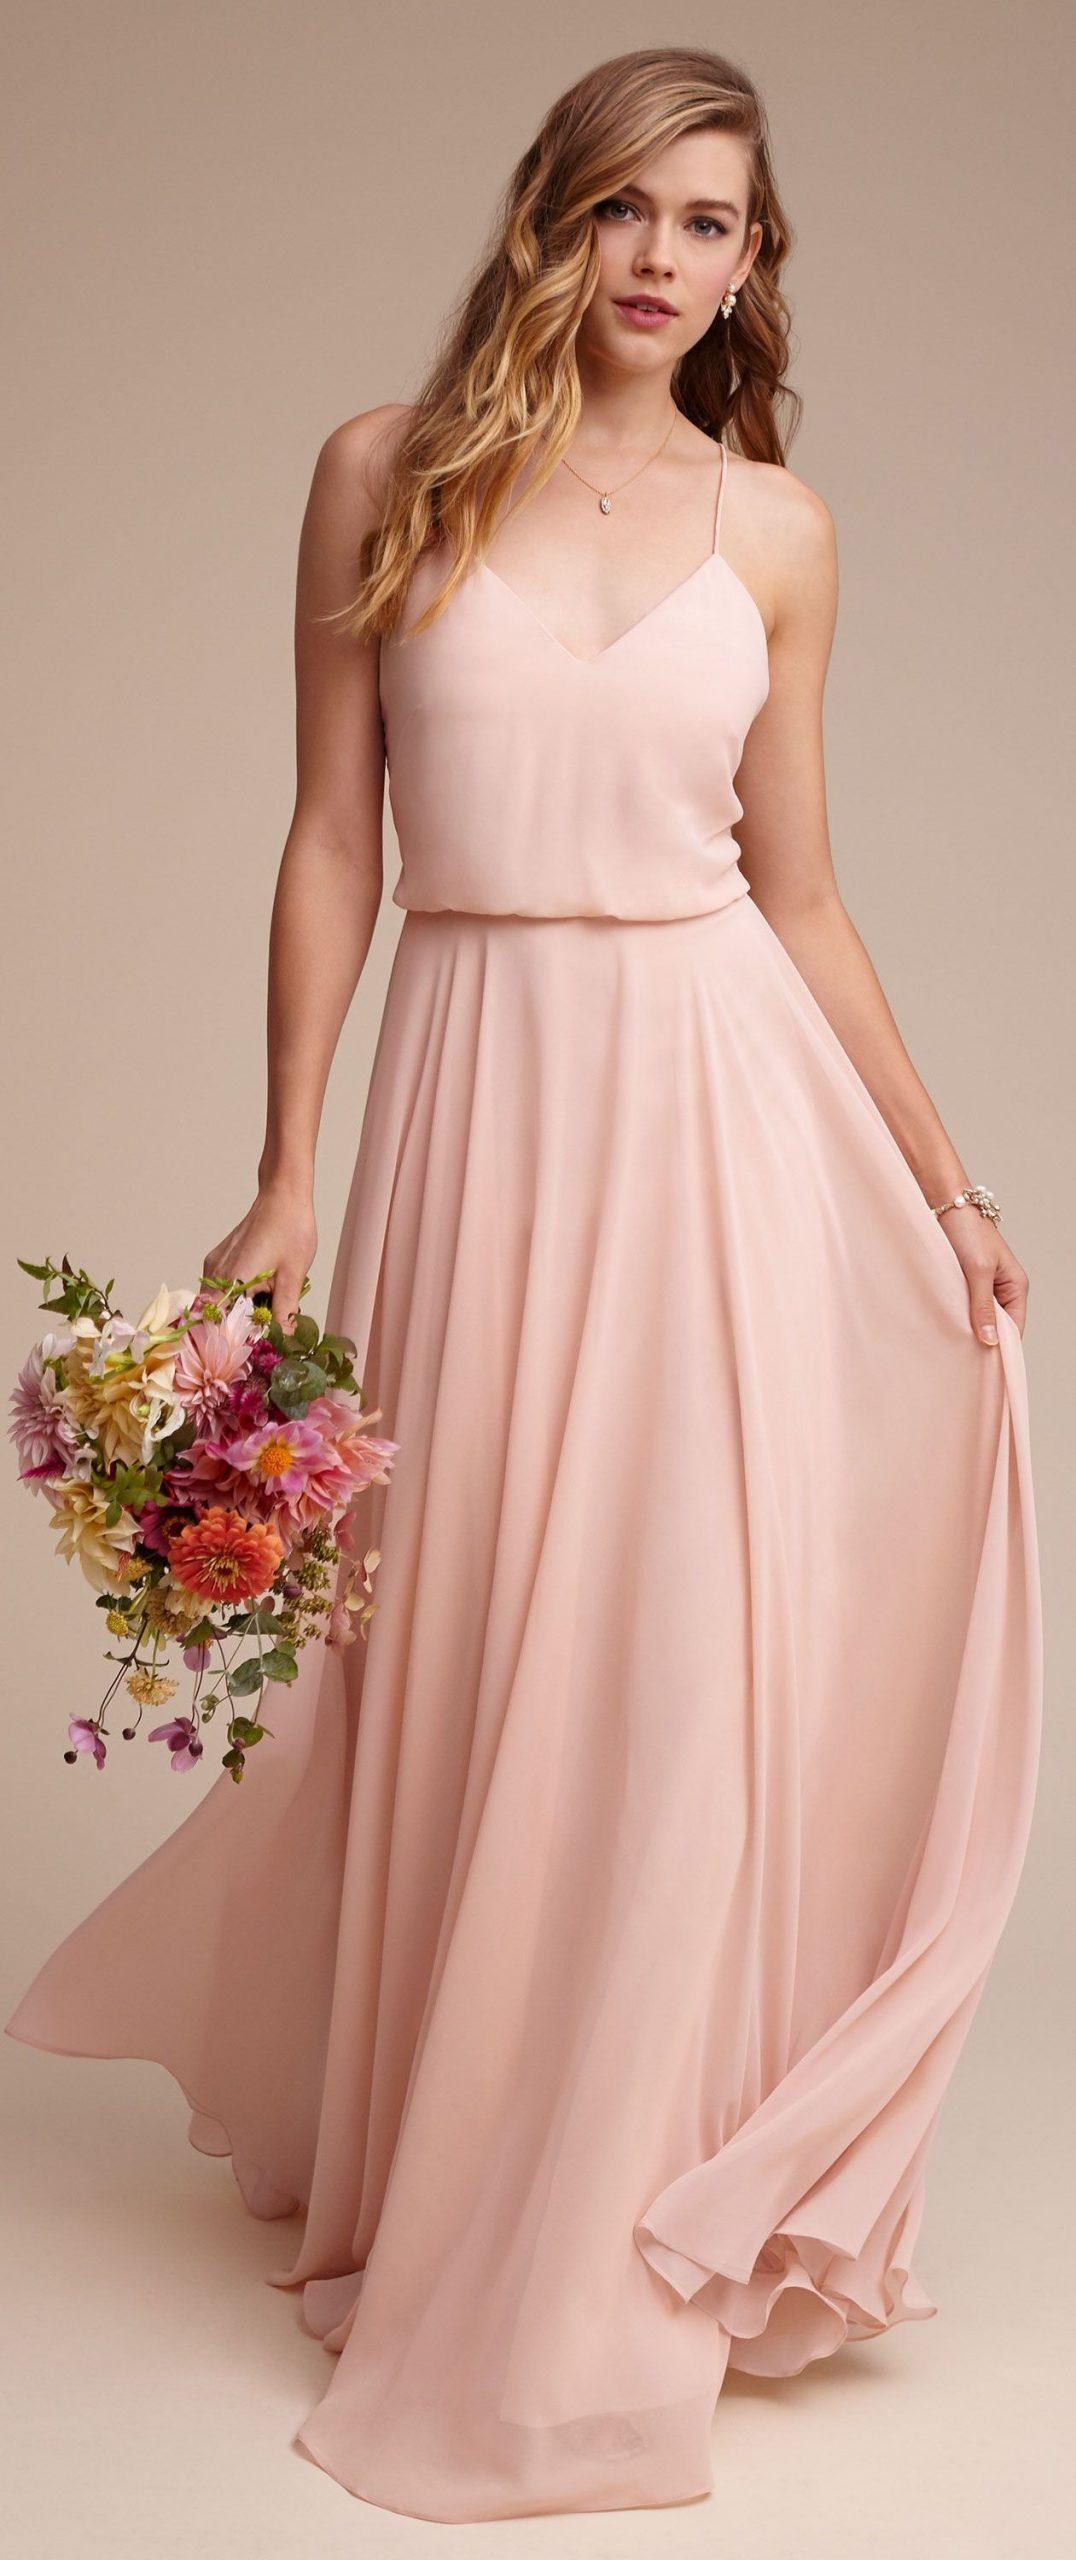 Pin Von Tefy Auf Boda  Kleider Hochzeit Kleid Hochzeit